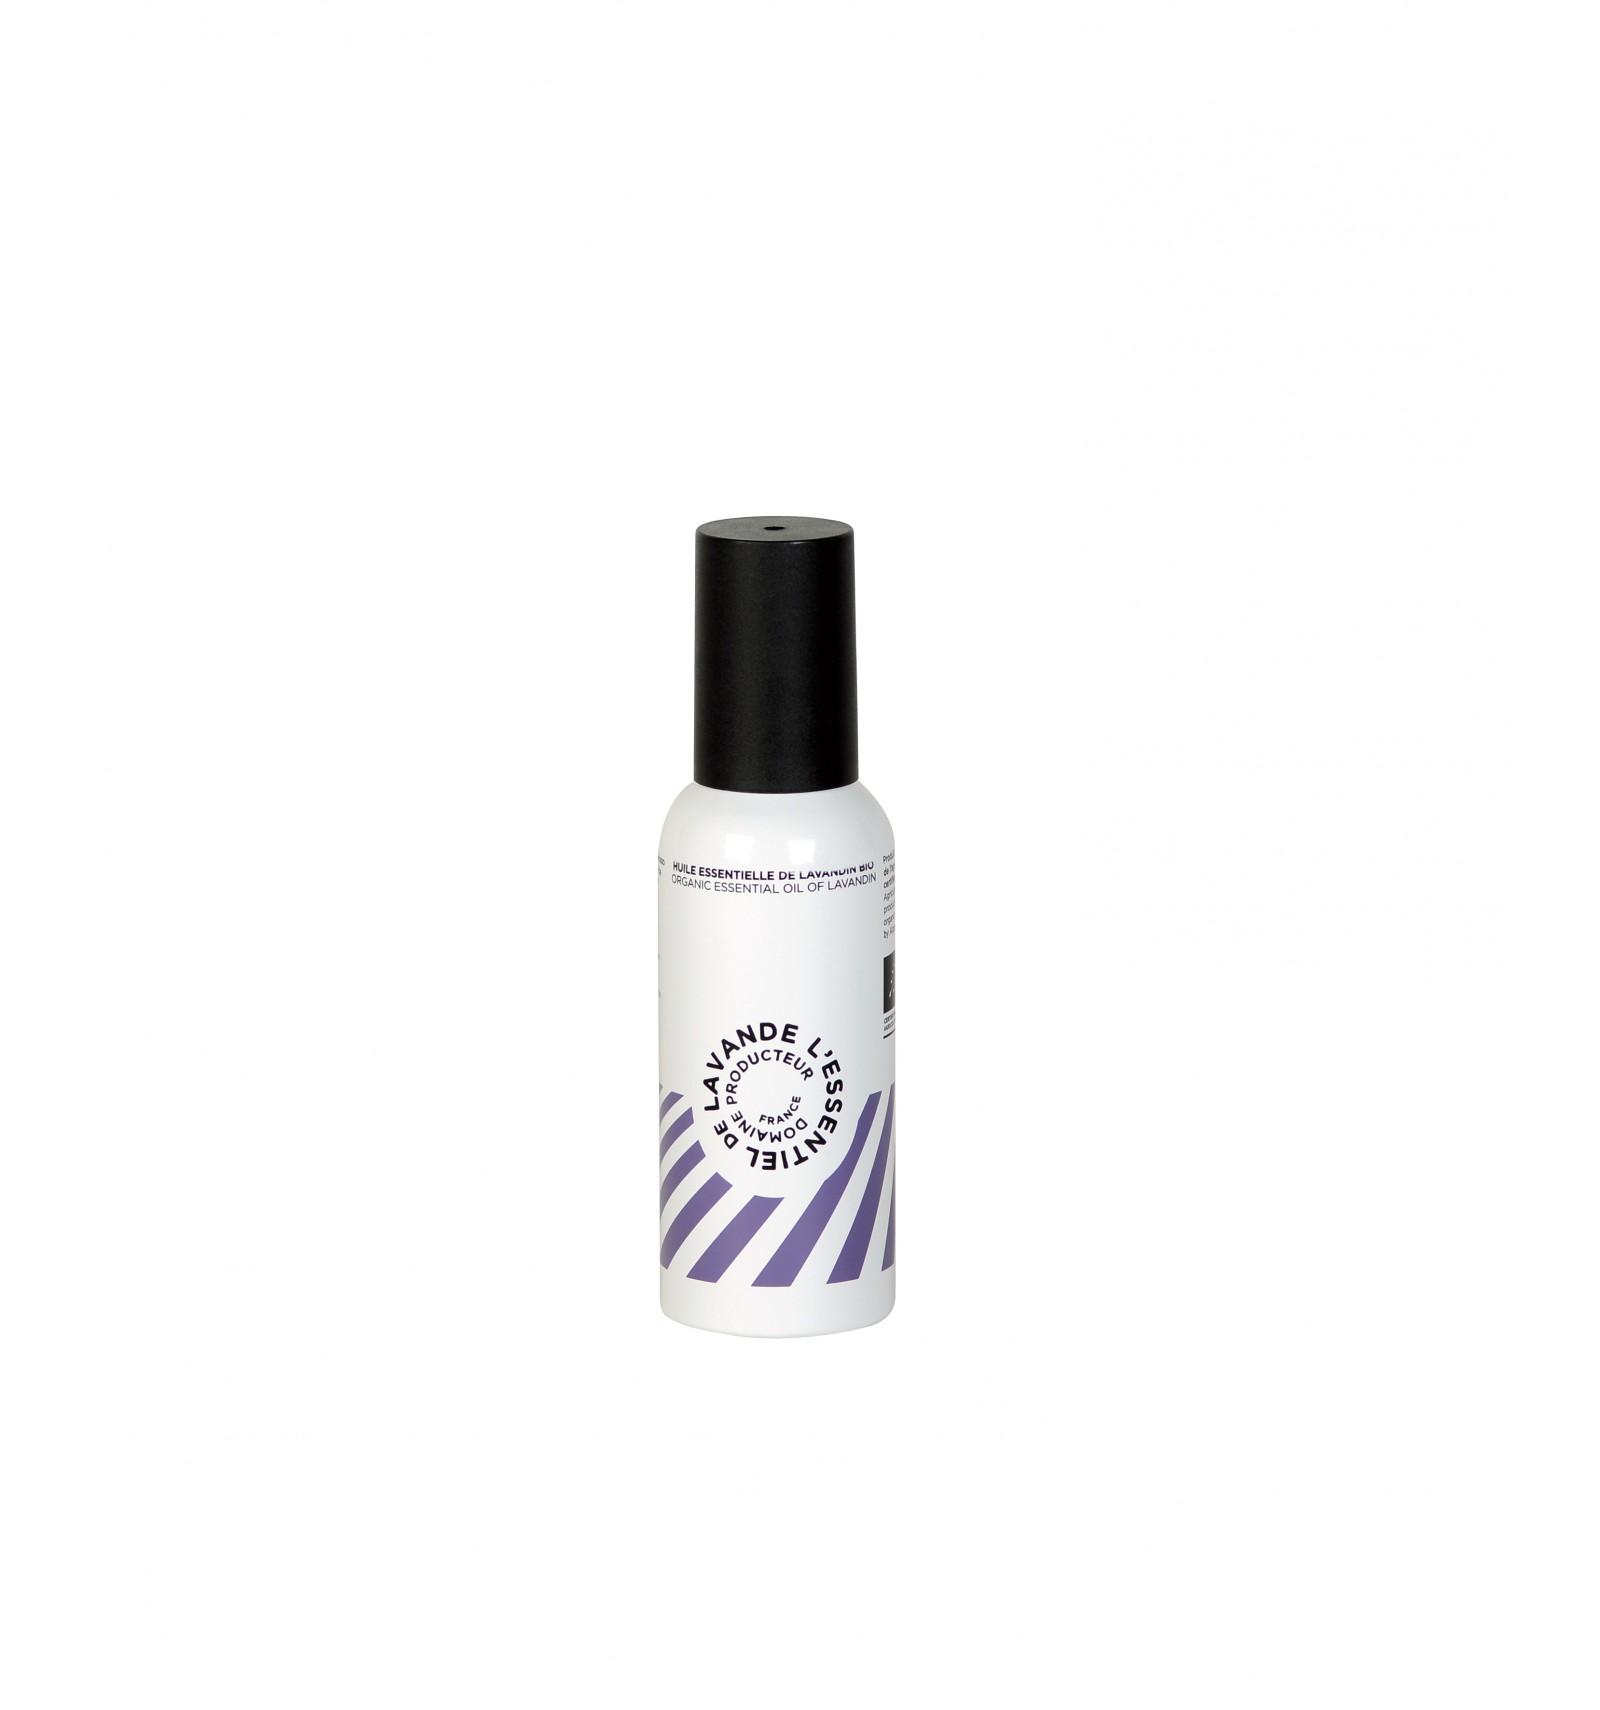 spray-pure-huile-essentielle-100-ml